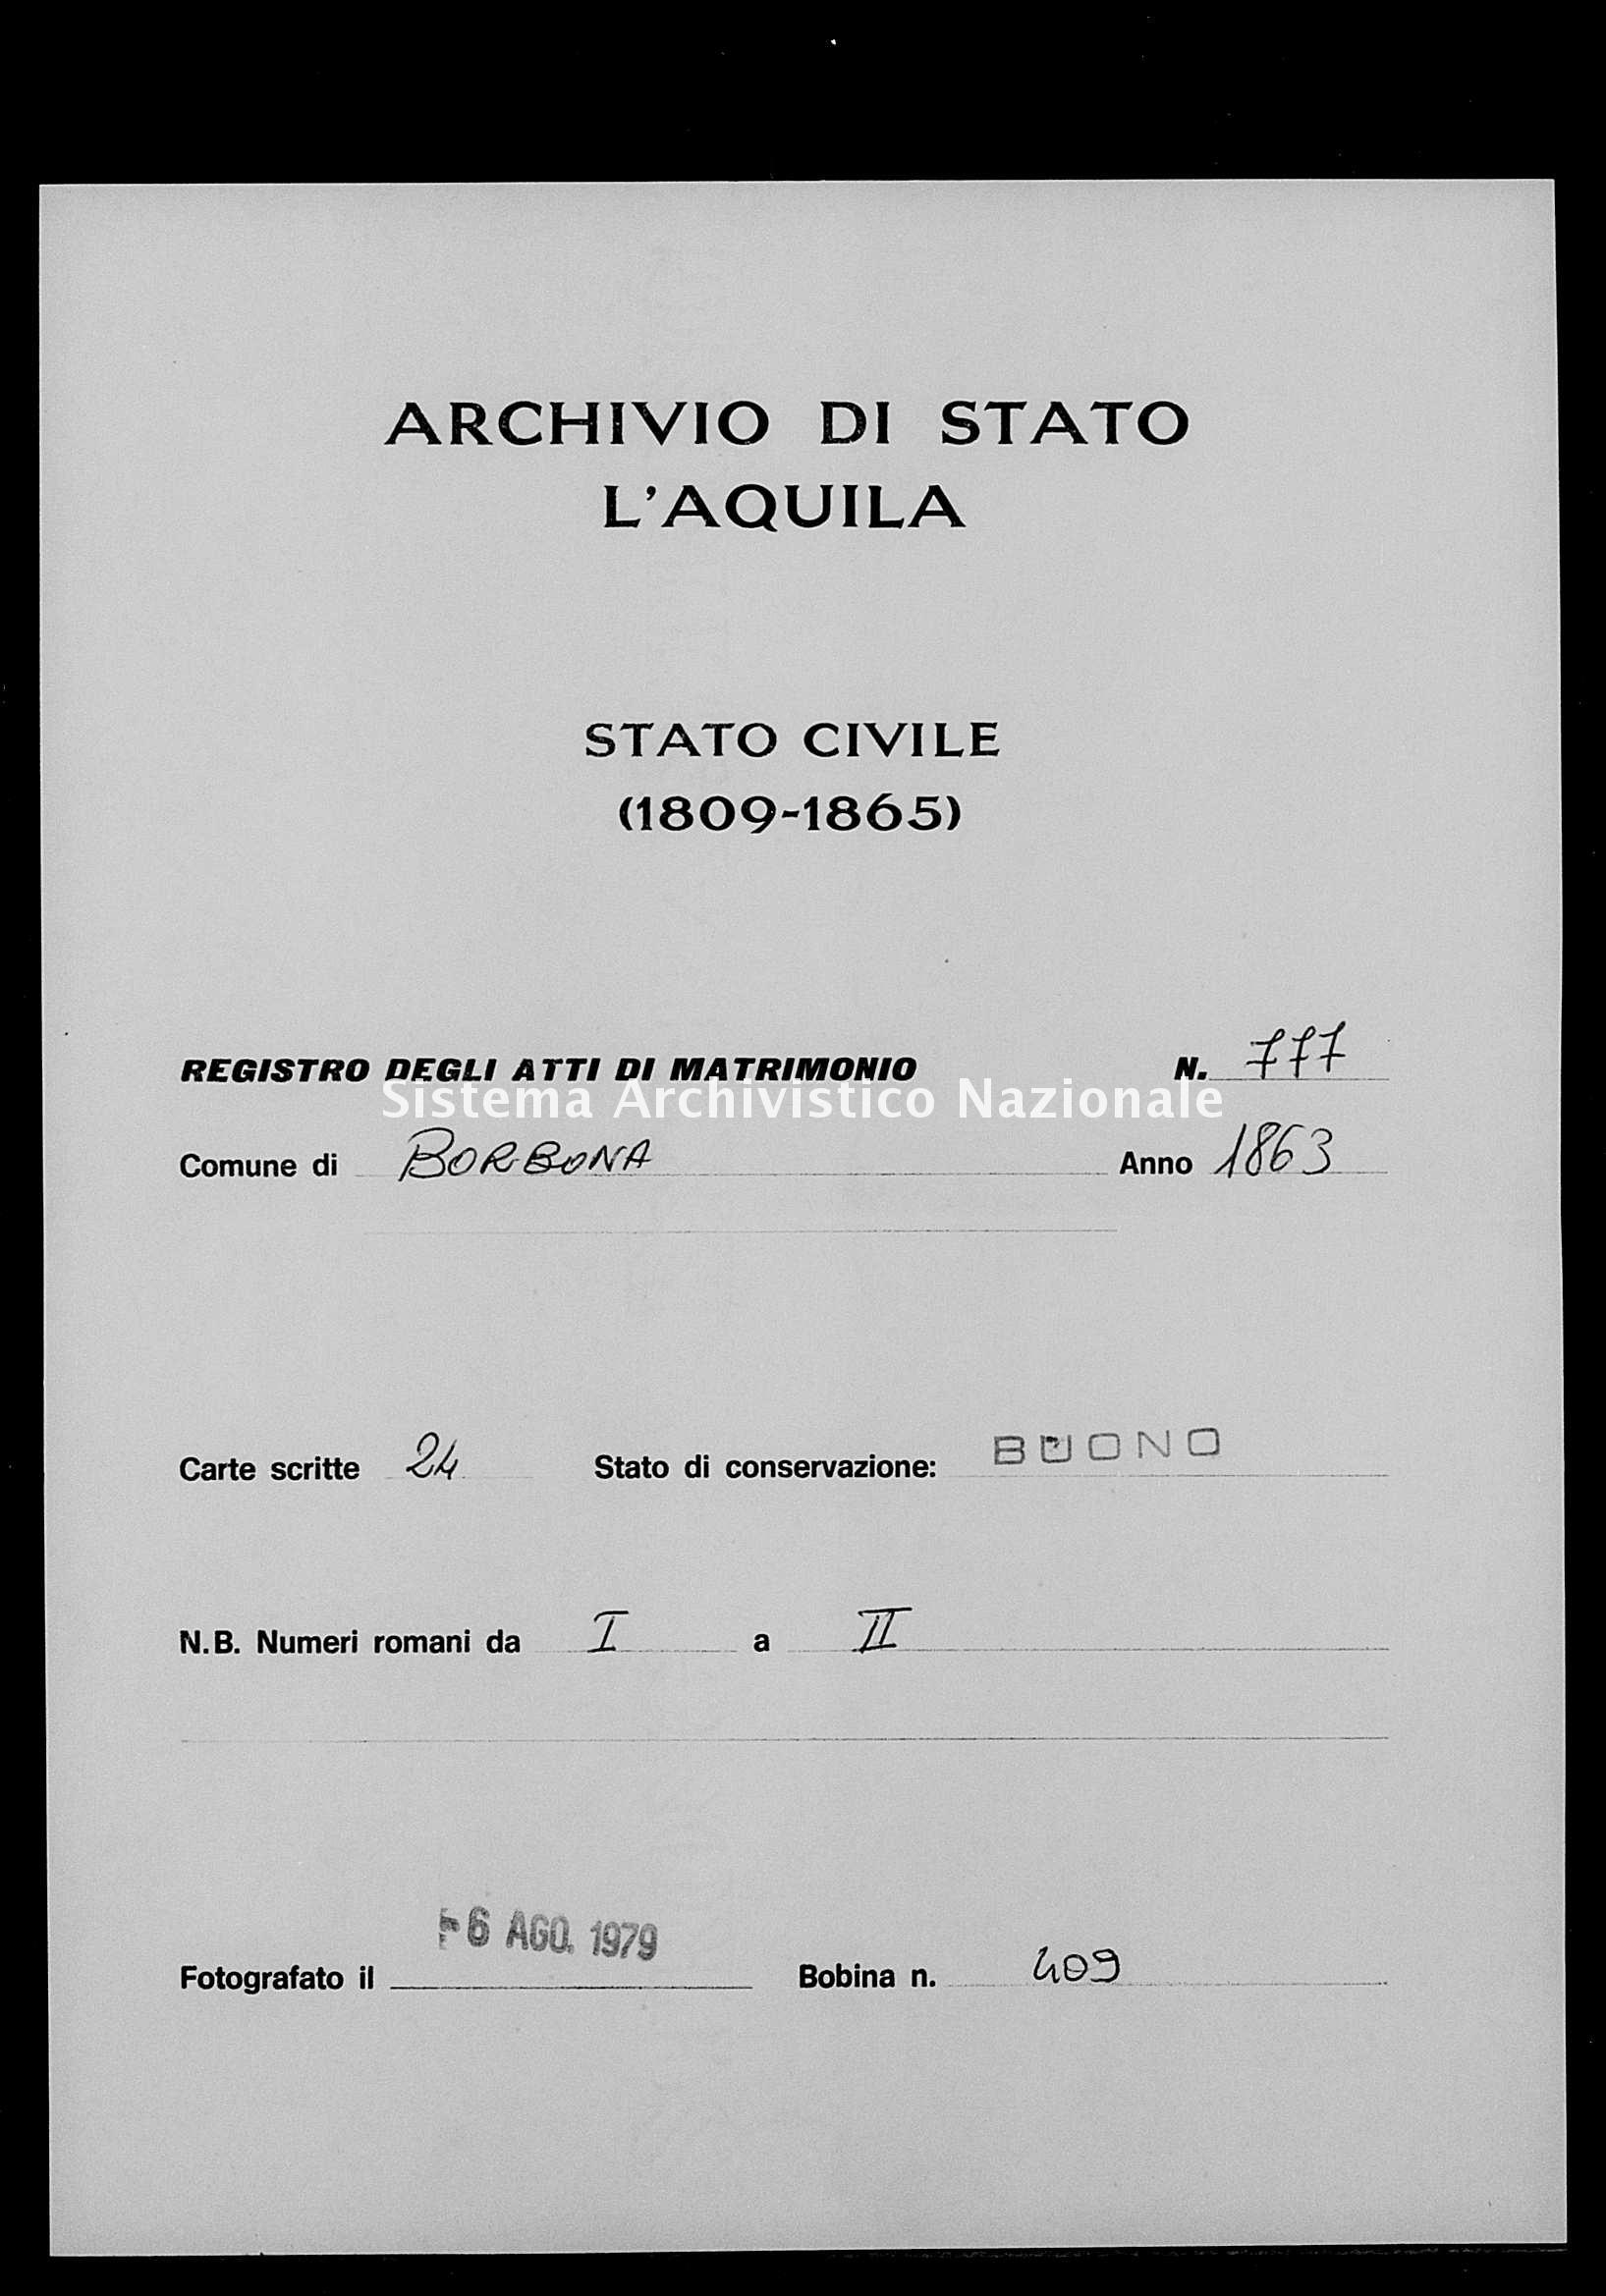 Archivio di stato di L'aquila - Stato civile italiano - Borbona - Matrimoni - 1863 - 777 -